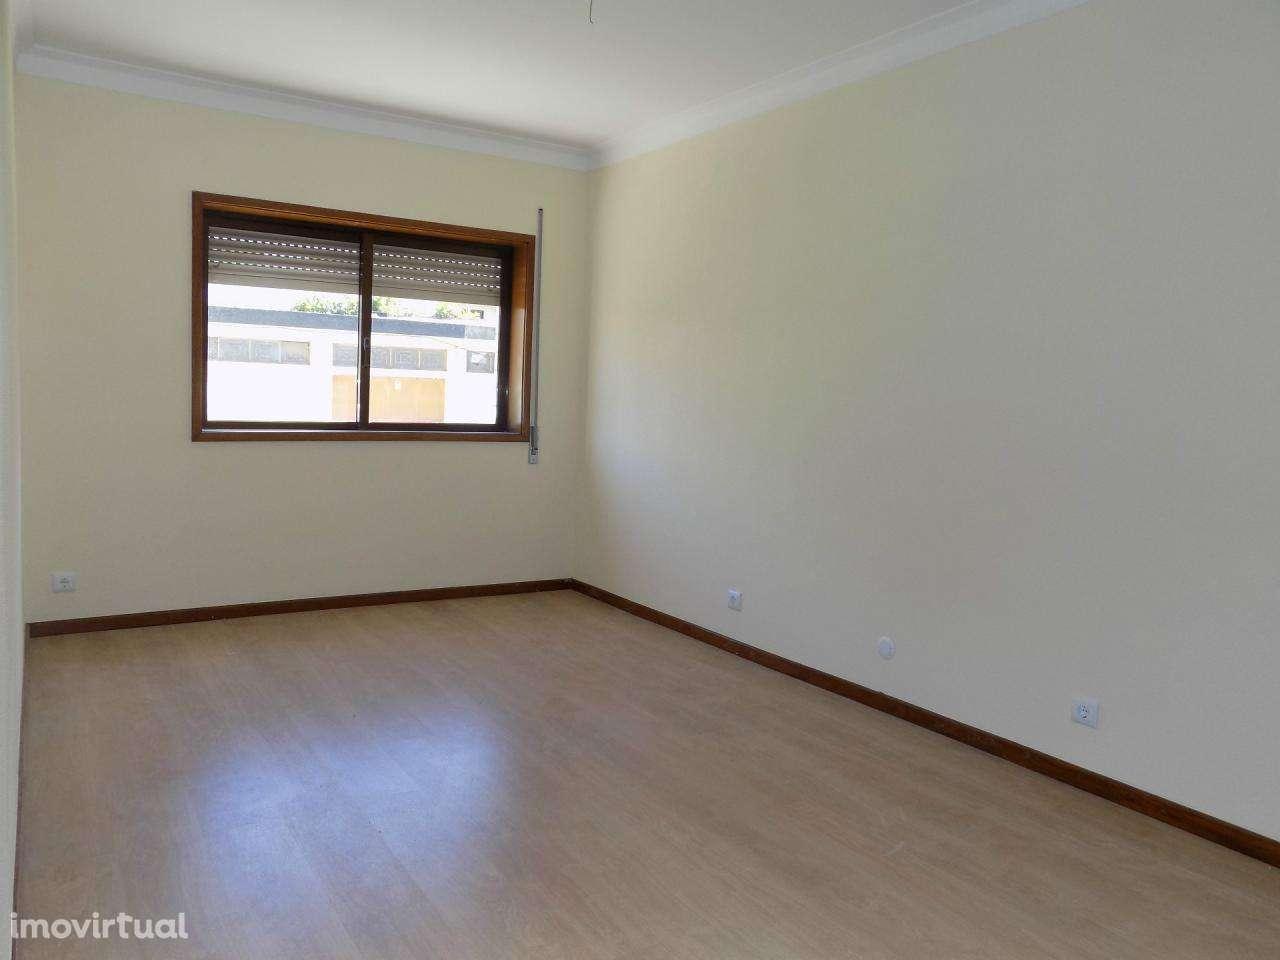 Apartamento para arrendar, Oliveira do Douro, Porto - Foto 10